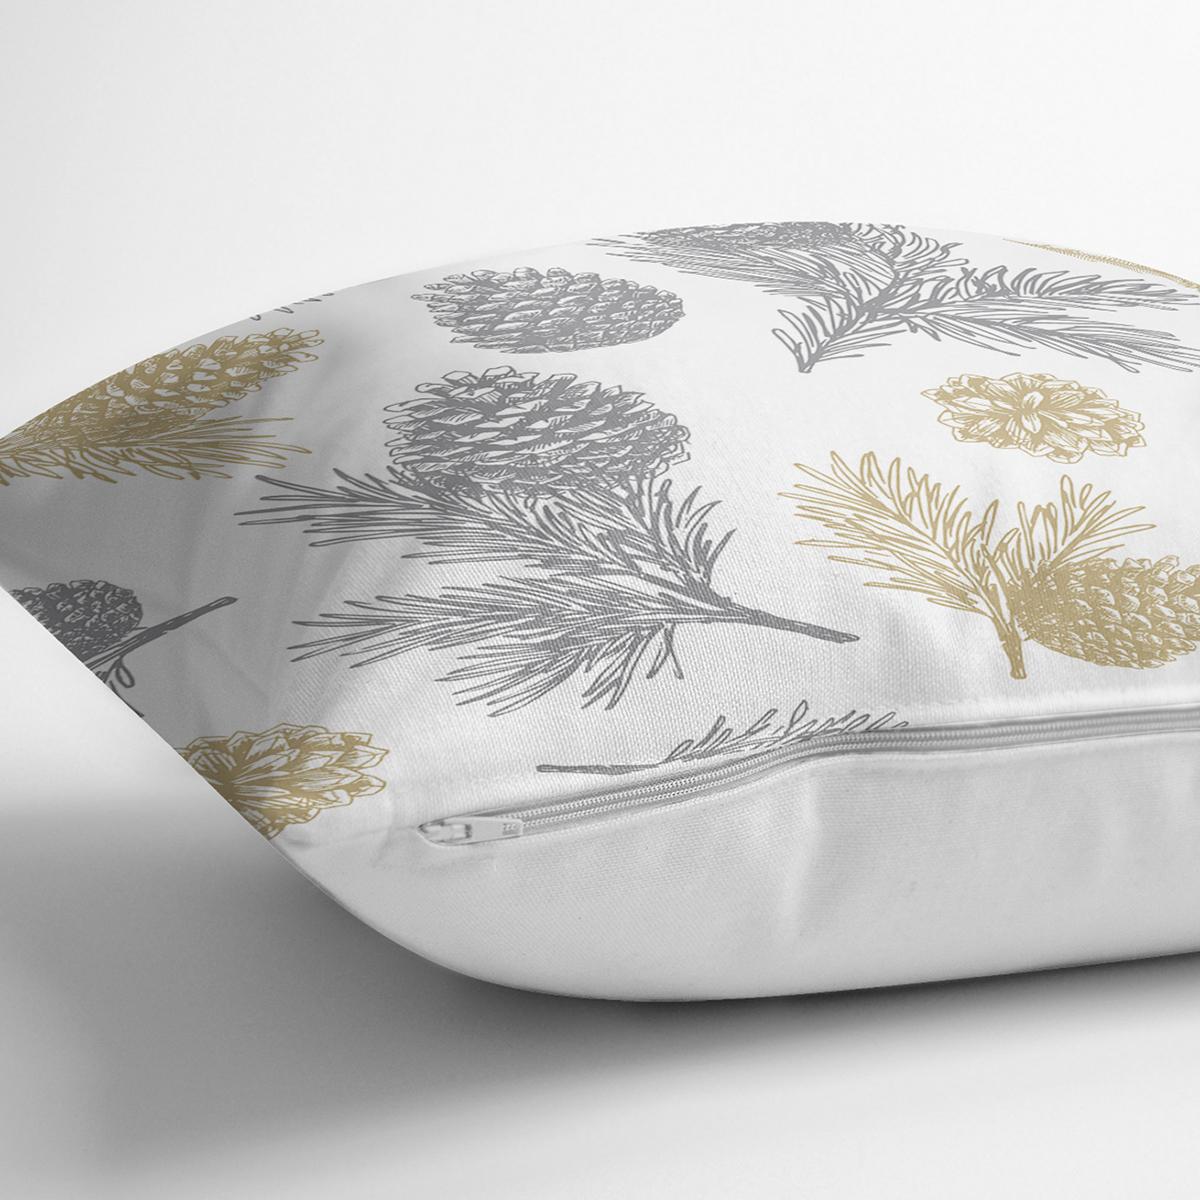 Beyaz Zemin Üzerinde Gold Detaylı Kozalak Desenli Modern Yastık Kırlent Kılıfı Realhomes